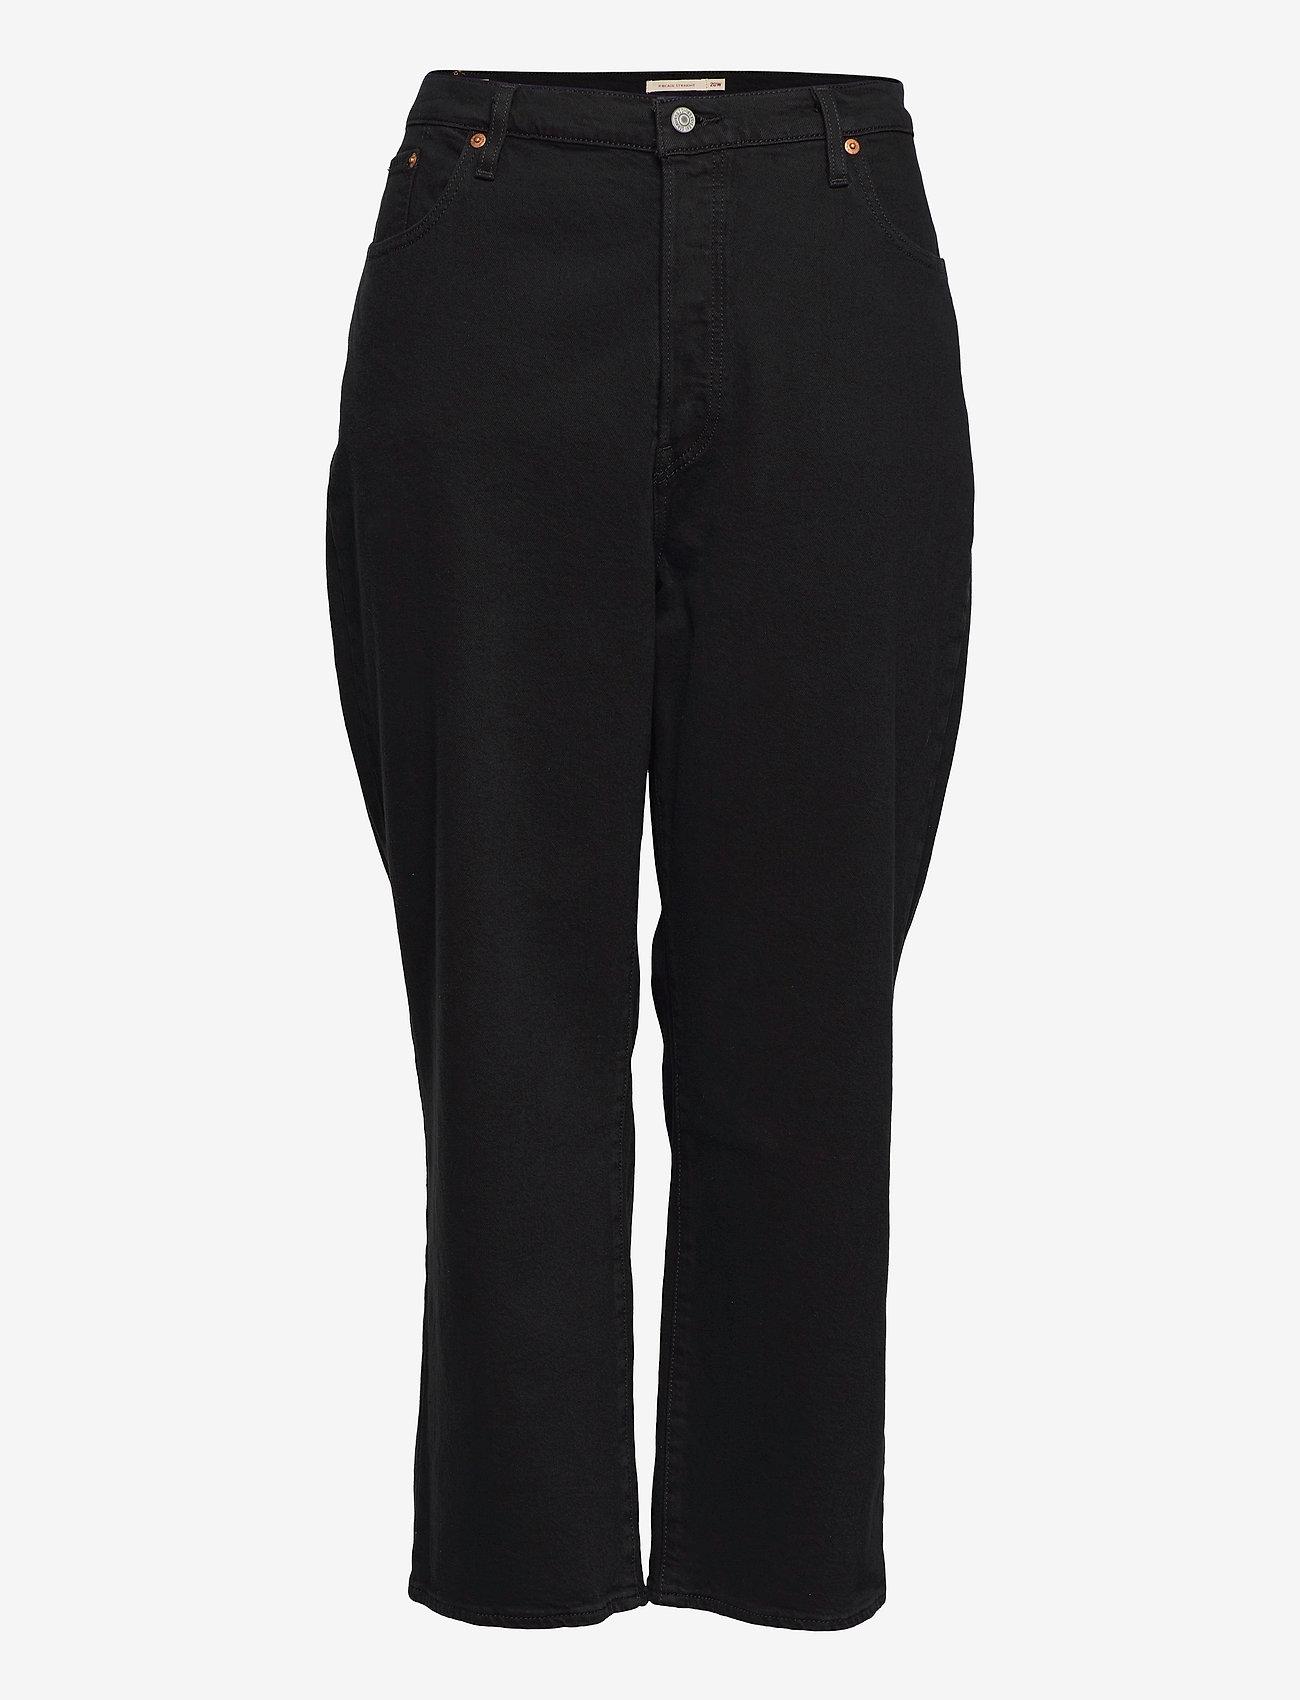 Levi's Plus Size - PL RIBCAGE STRAIGHT ANK BLACK - raka jeans - blacks - 0